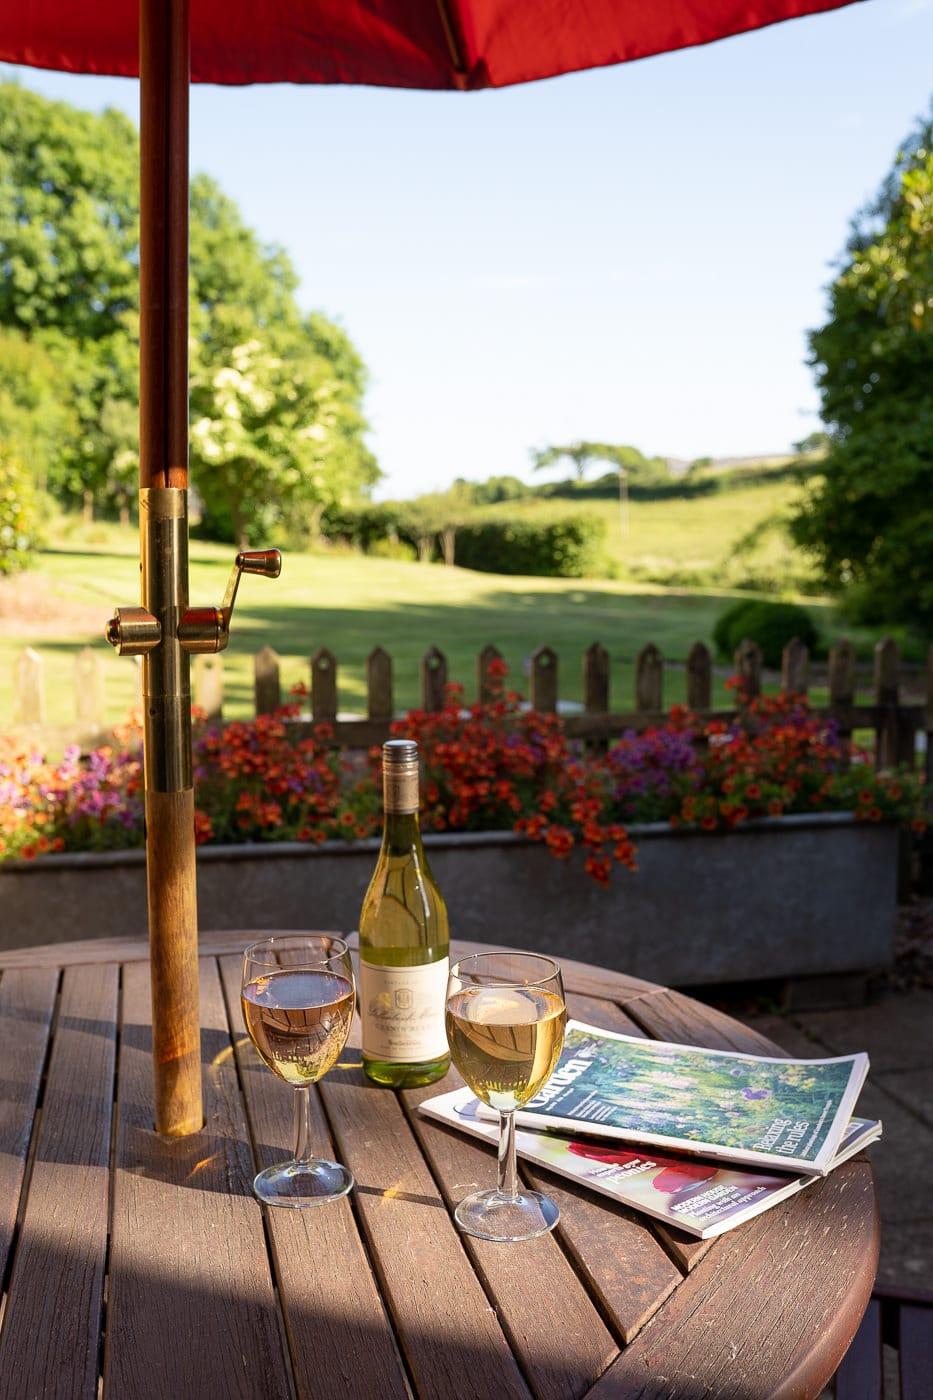 Enjoying wine under the Devon Summer Sun